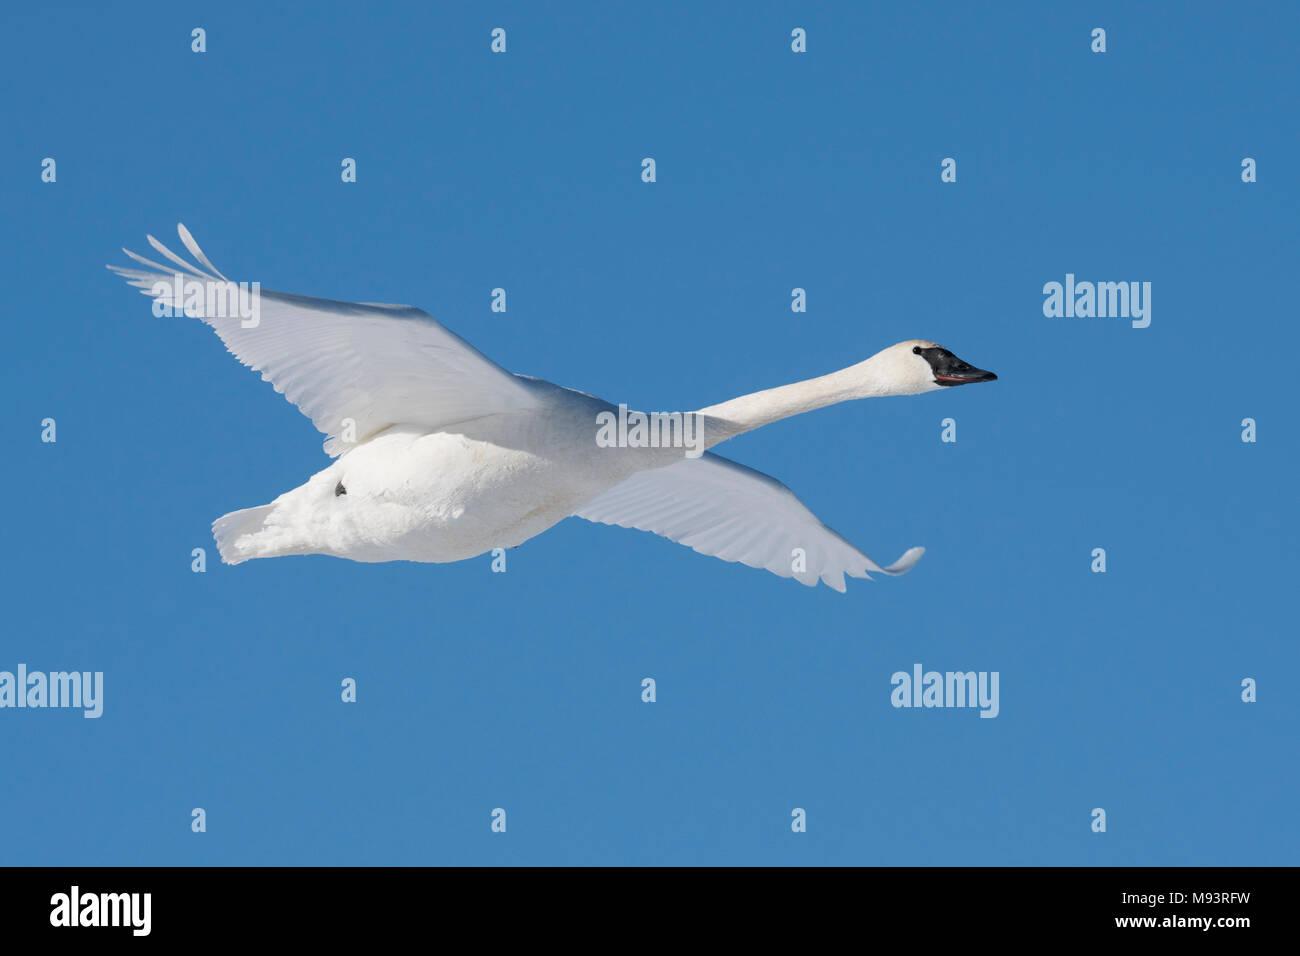 Trumpeter swan (Cygnus buccinatore) in volo, WI, Stati Uniti d'America, all'inizio di gennaio, da Dominique Braud/Dembinsky Foto Assoc Foto Stock